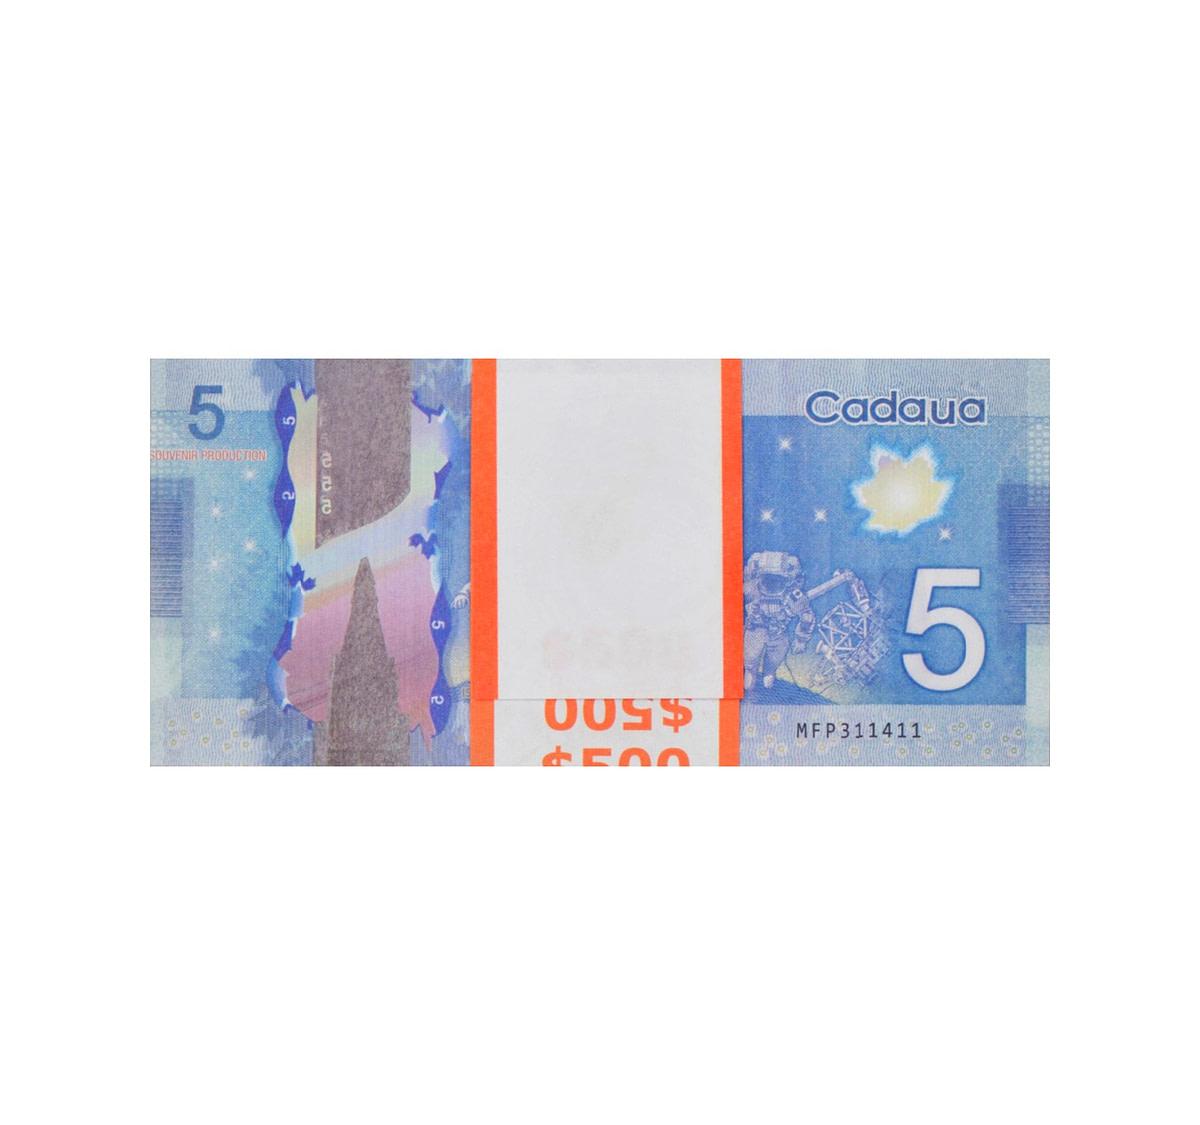 acheter 5 dollars canadiens pile de 100 faux billets arrière